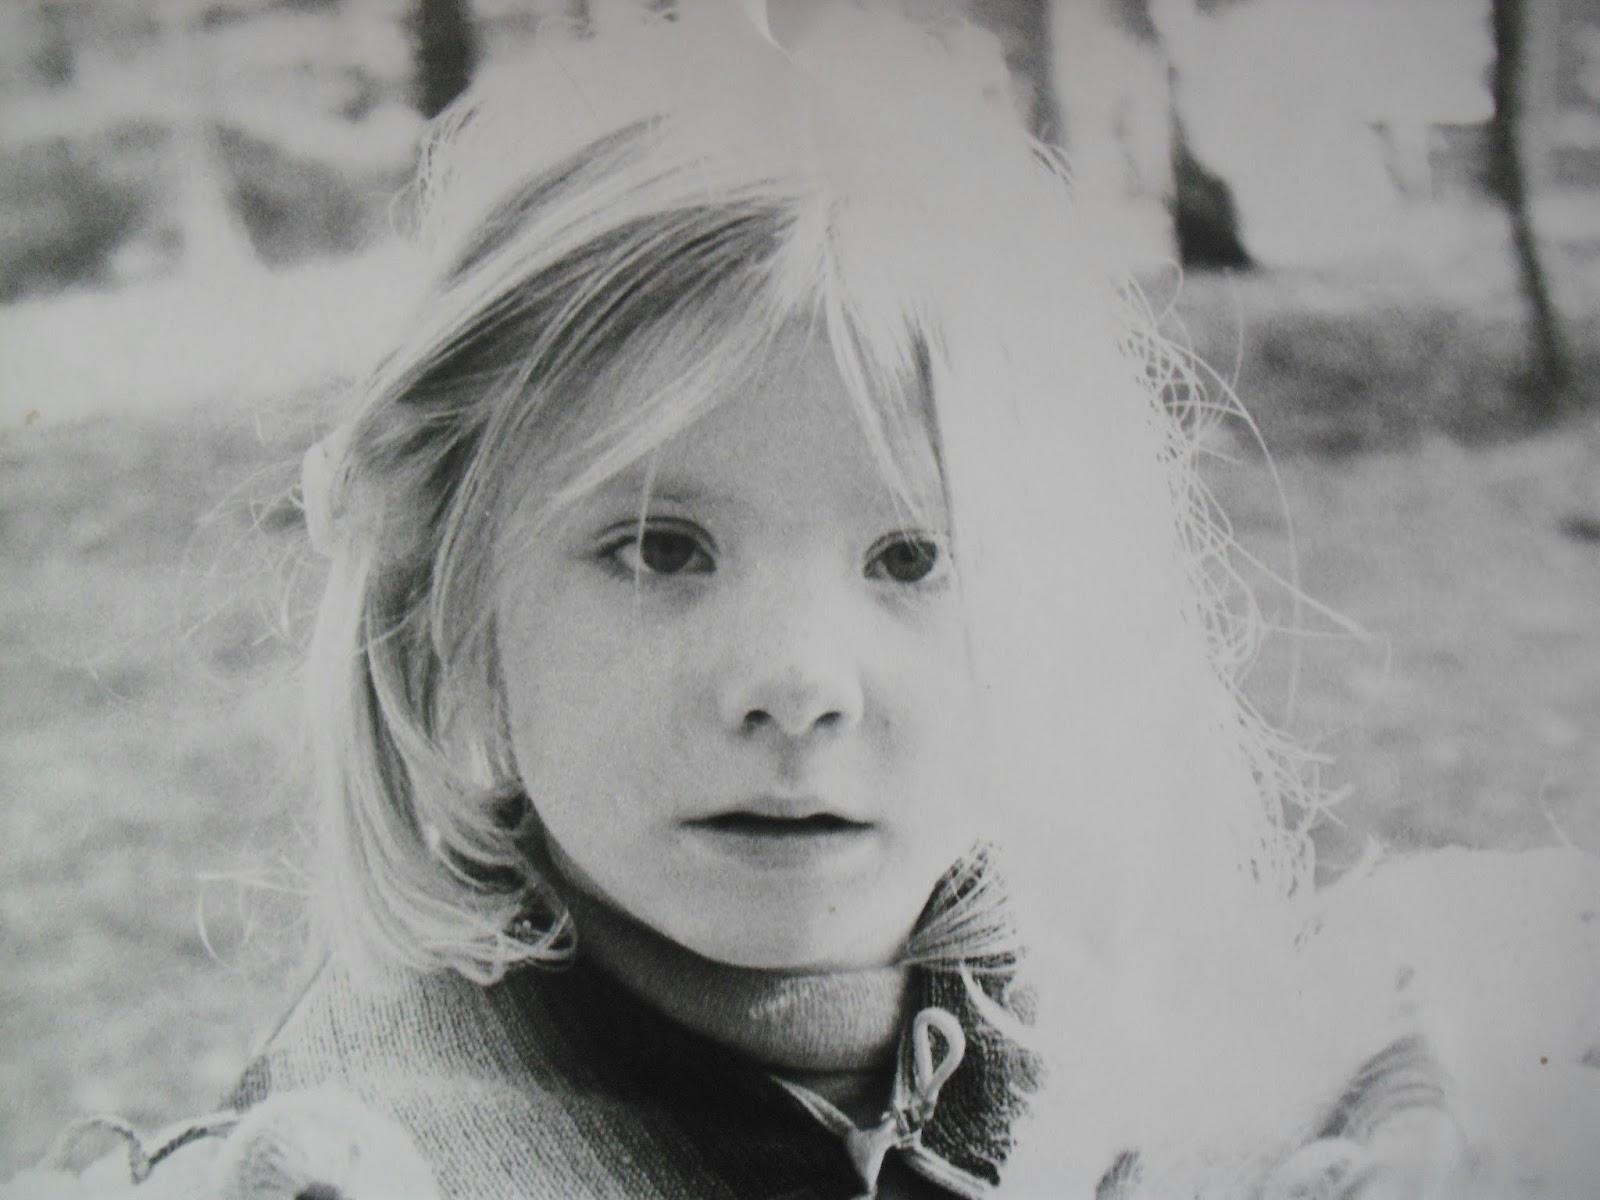 Suus geniet dit kleine meisje - Kleine teen indelingen meisje ...